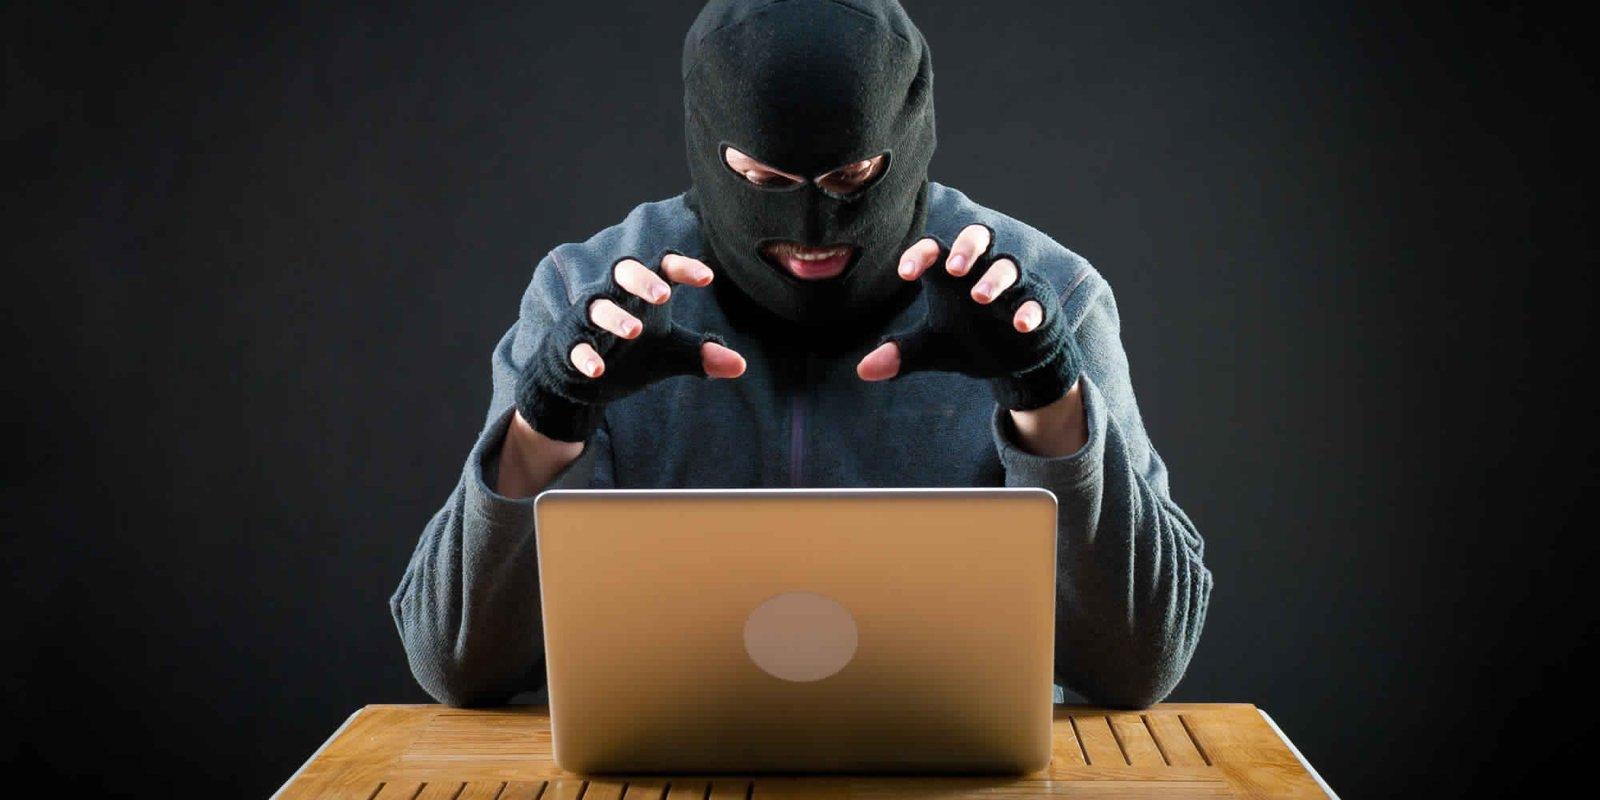 عقوبة الجرائم الالكترونية